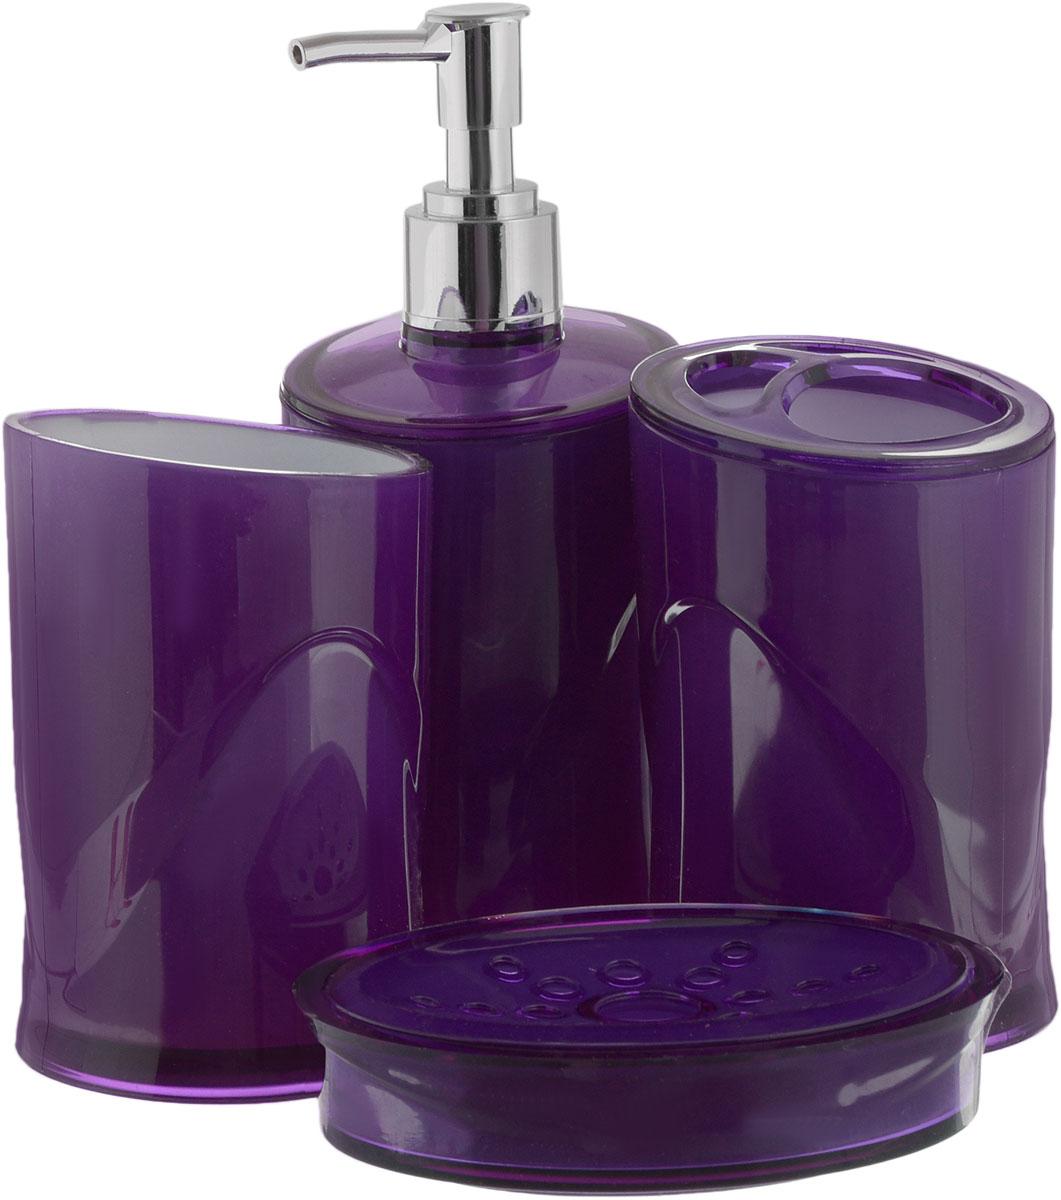 Набор для ванной комнаты Indecor, цвет: фиолетовый, 4 предметаIND053pНабор для ванной комнаты Indecor состоит из стакана, стакана для зубных щеток, дозатора для жидкого мыла и мыльницы. Стаканы, дозатор и мыльница изготовлены из высококачественного пластика. Аксессуары, входящие в набор Indecor, выполняют не только практическую, но и декоративную функцию. Они способны внести в помещение изысканность, сделать пребывание в нем приятным и даже незабываемым. Размер стаканов: 7 х 7 х 11 см. Объем стаканов: 300 мл. Размер дозатора: 7 х 7 х 17,5 см. Объем дозатора: 300 мл. Размер мыльницы: 11,5 х 9 х 3 см.